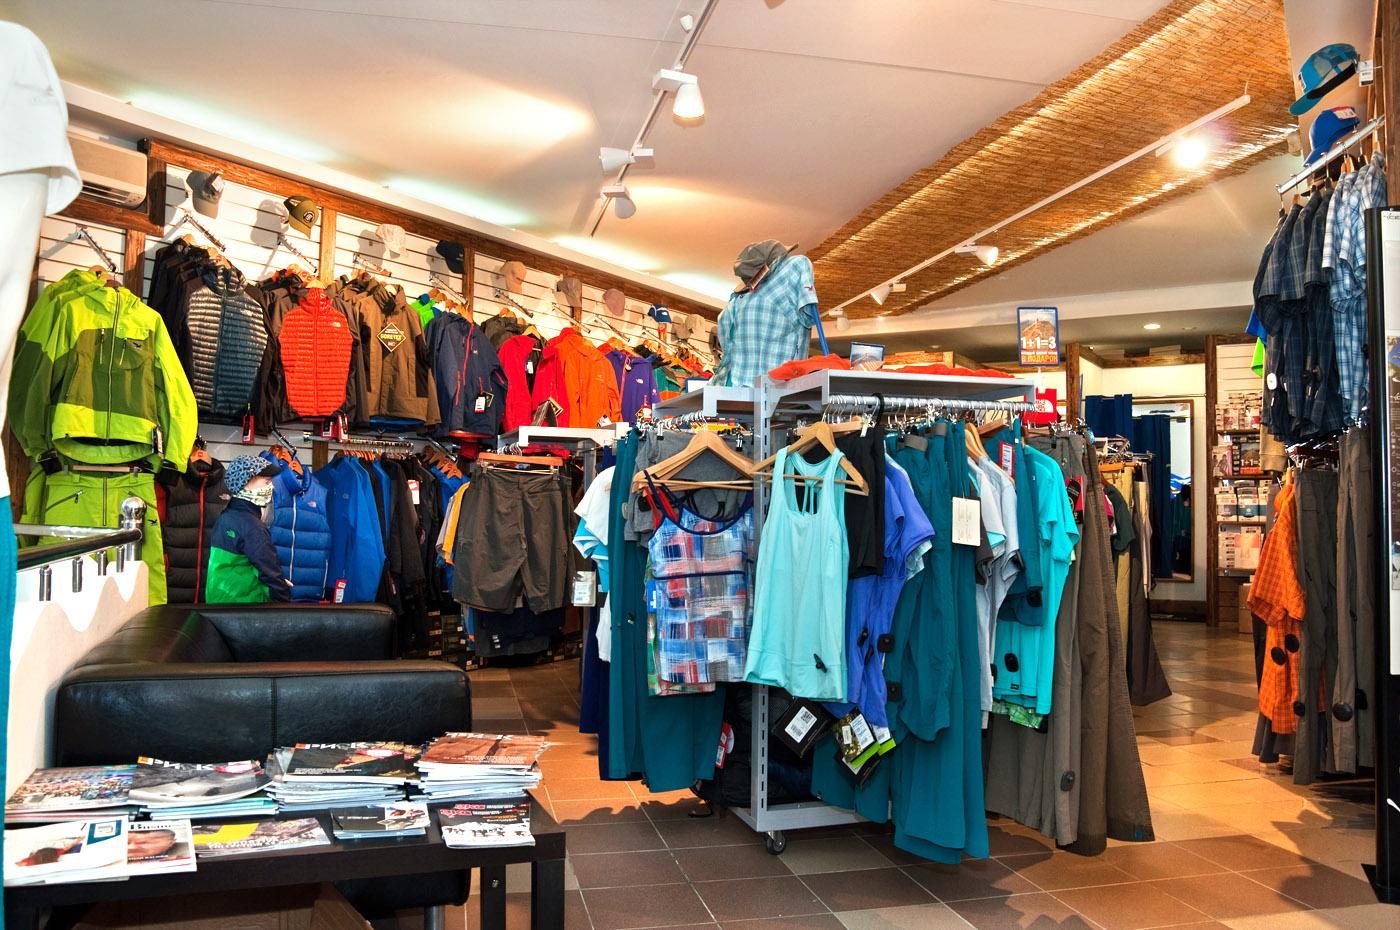 кредитных магазин одежды для походов спасибо изумительное